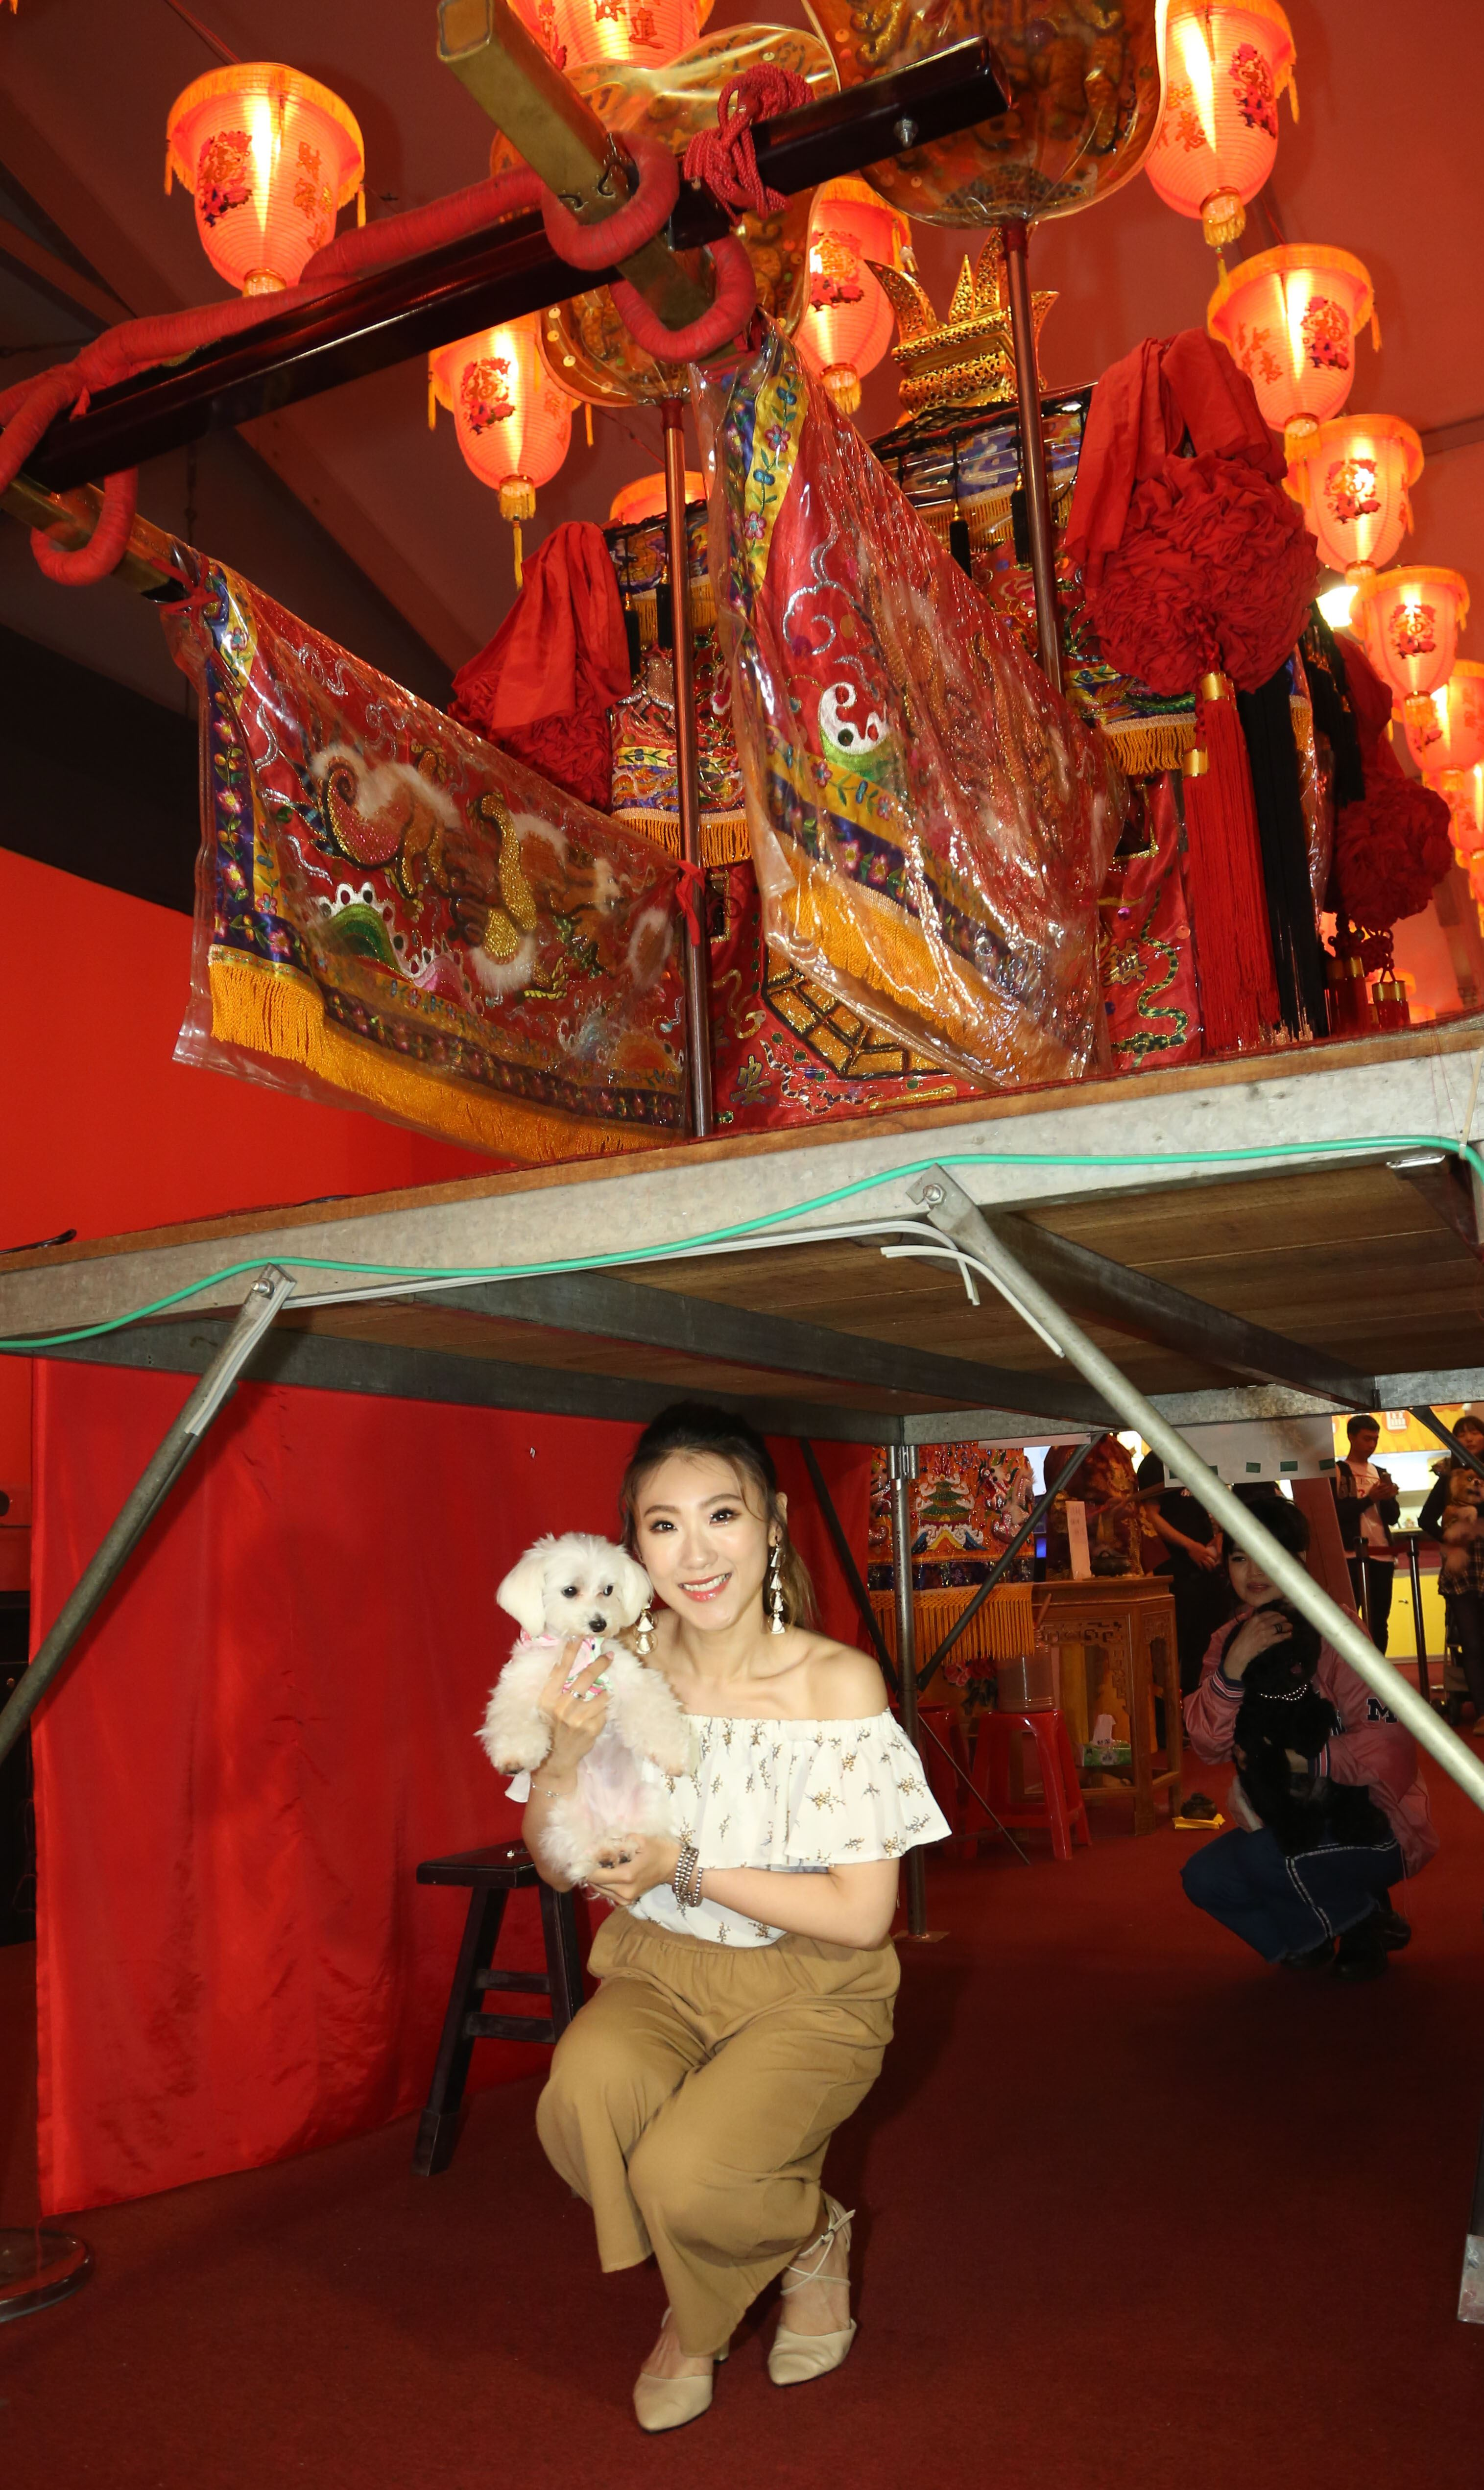 大甲媽祖北巡駐駕台北首度開放寵物「稜轎腳」,歌手謝金晶。(記者林士傑/攝影)